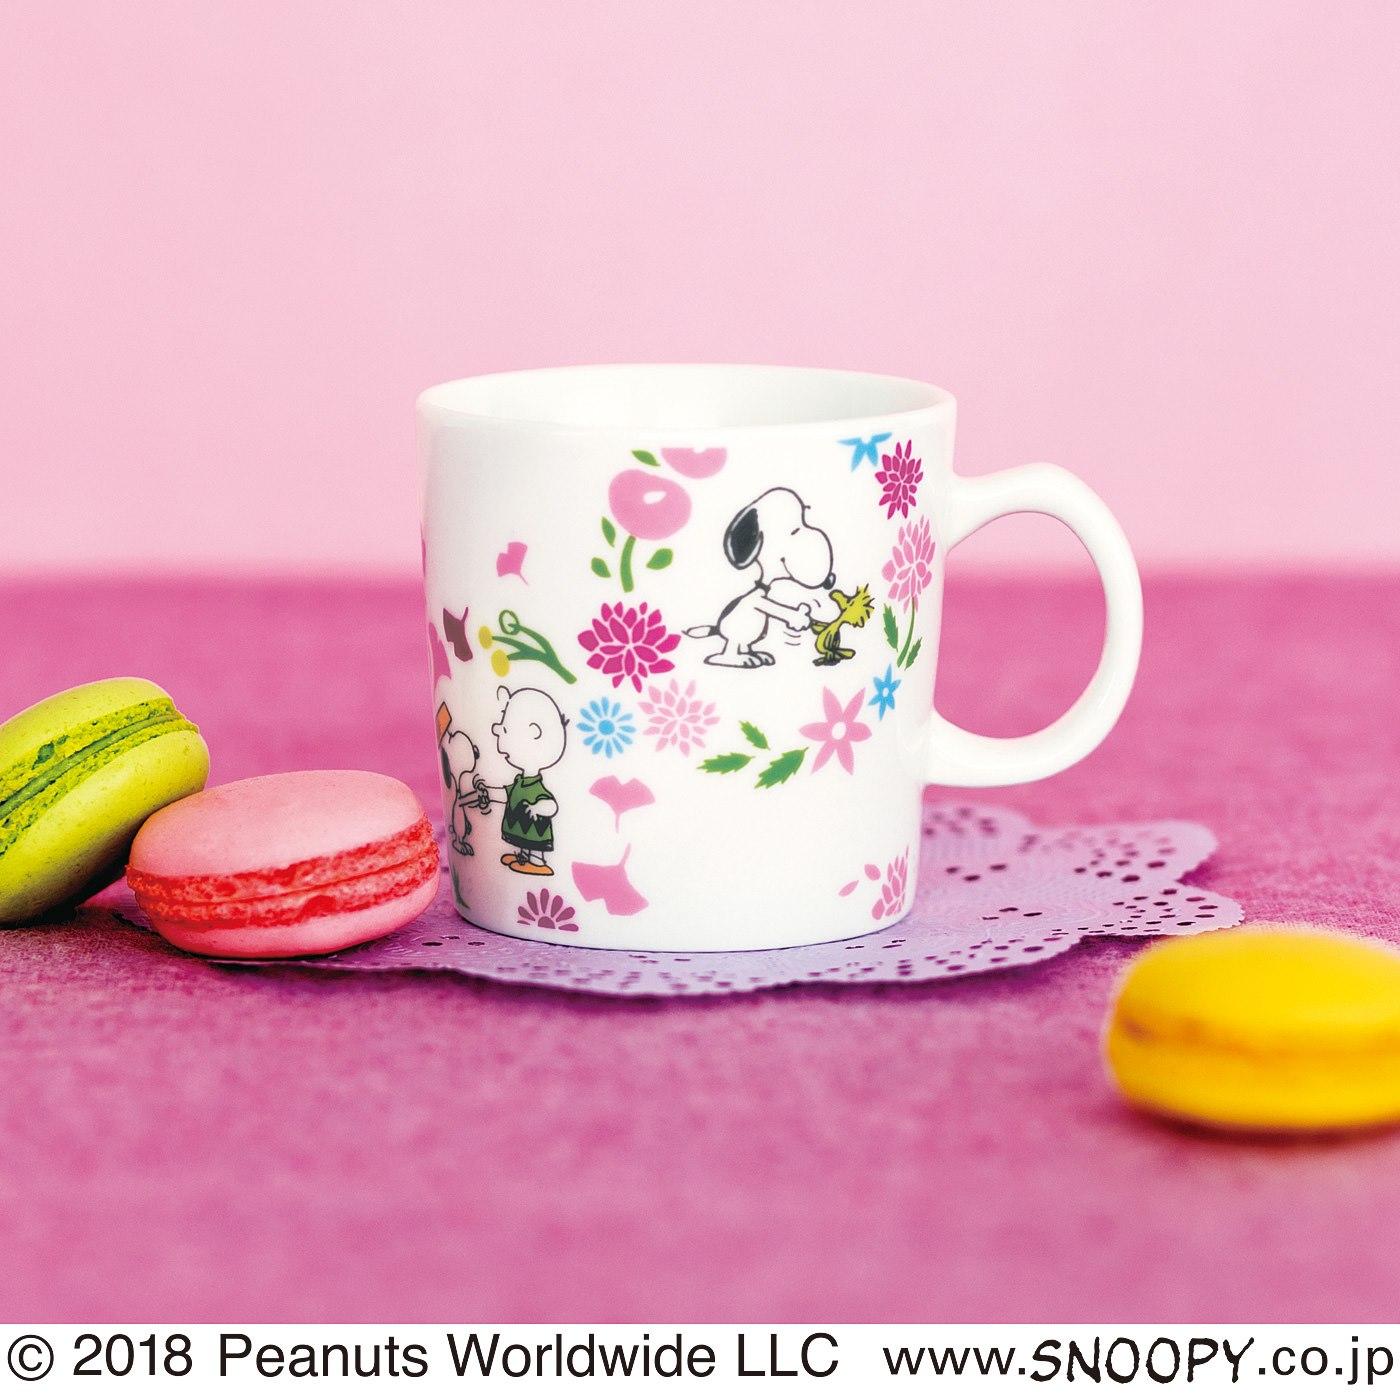 フェリシモ PEANUTS日本上陸50周年のハッピーフラワーマグカップ